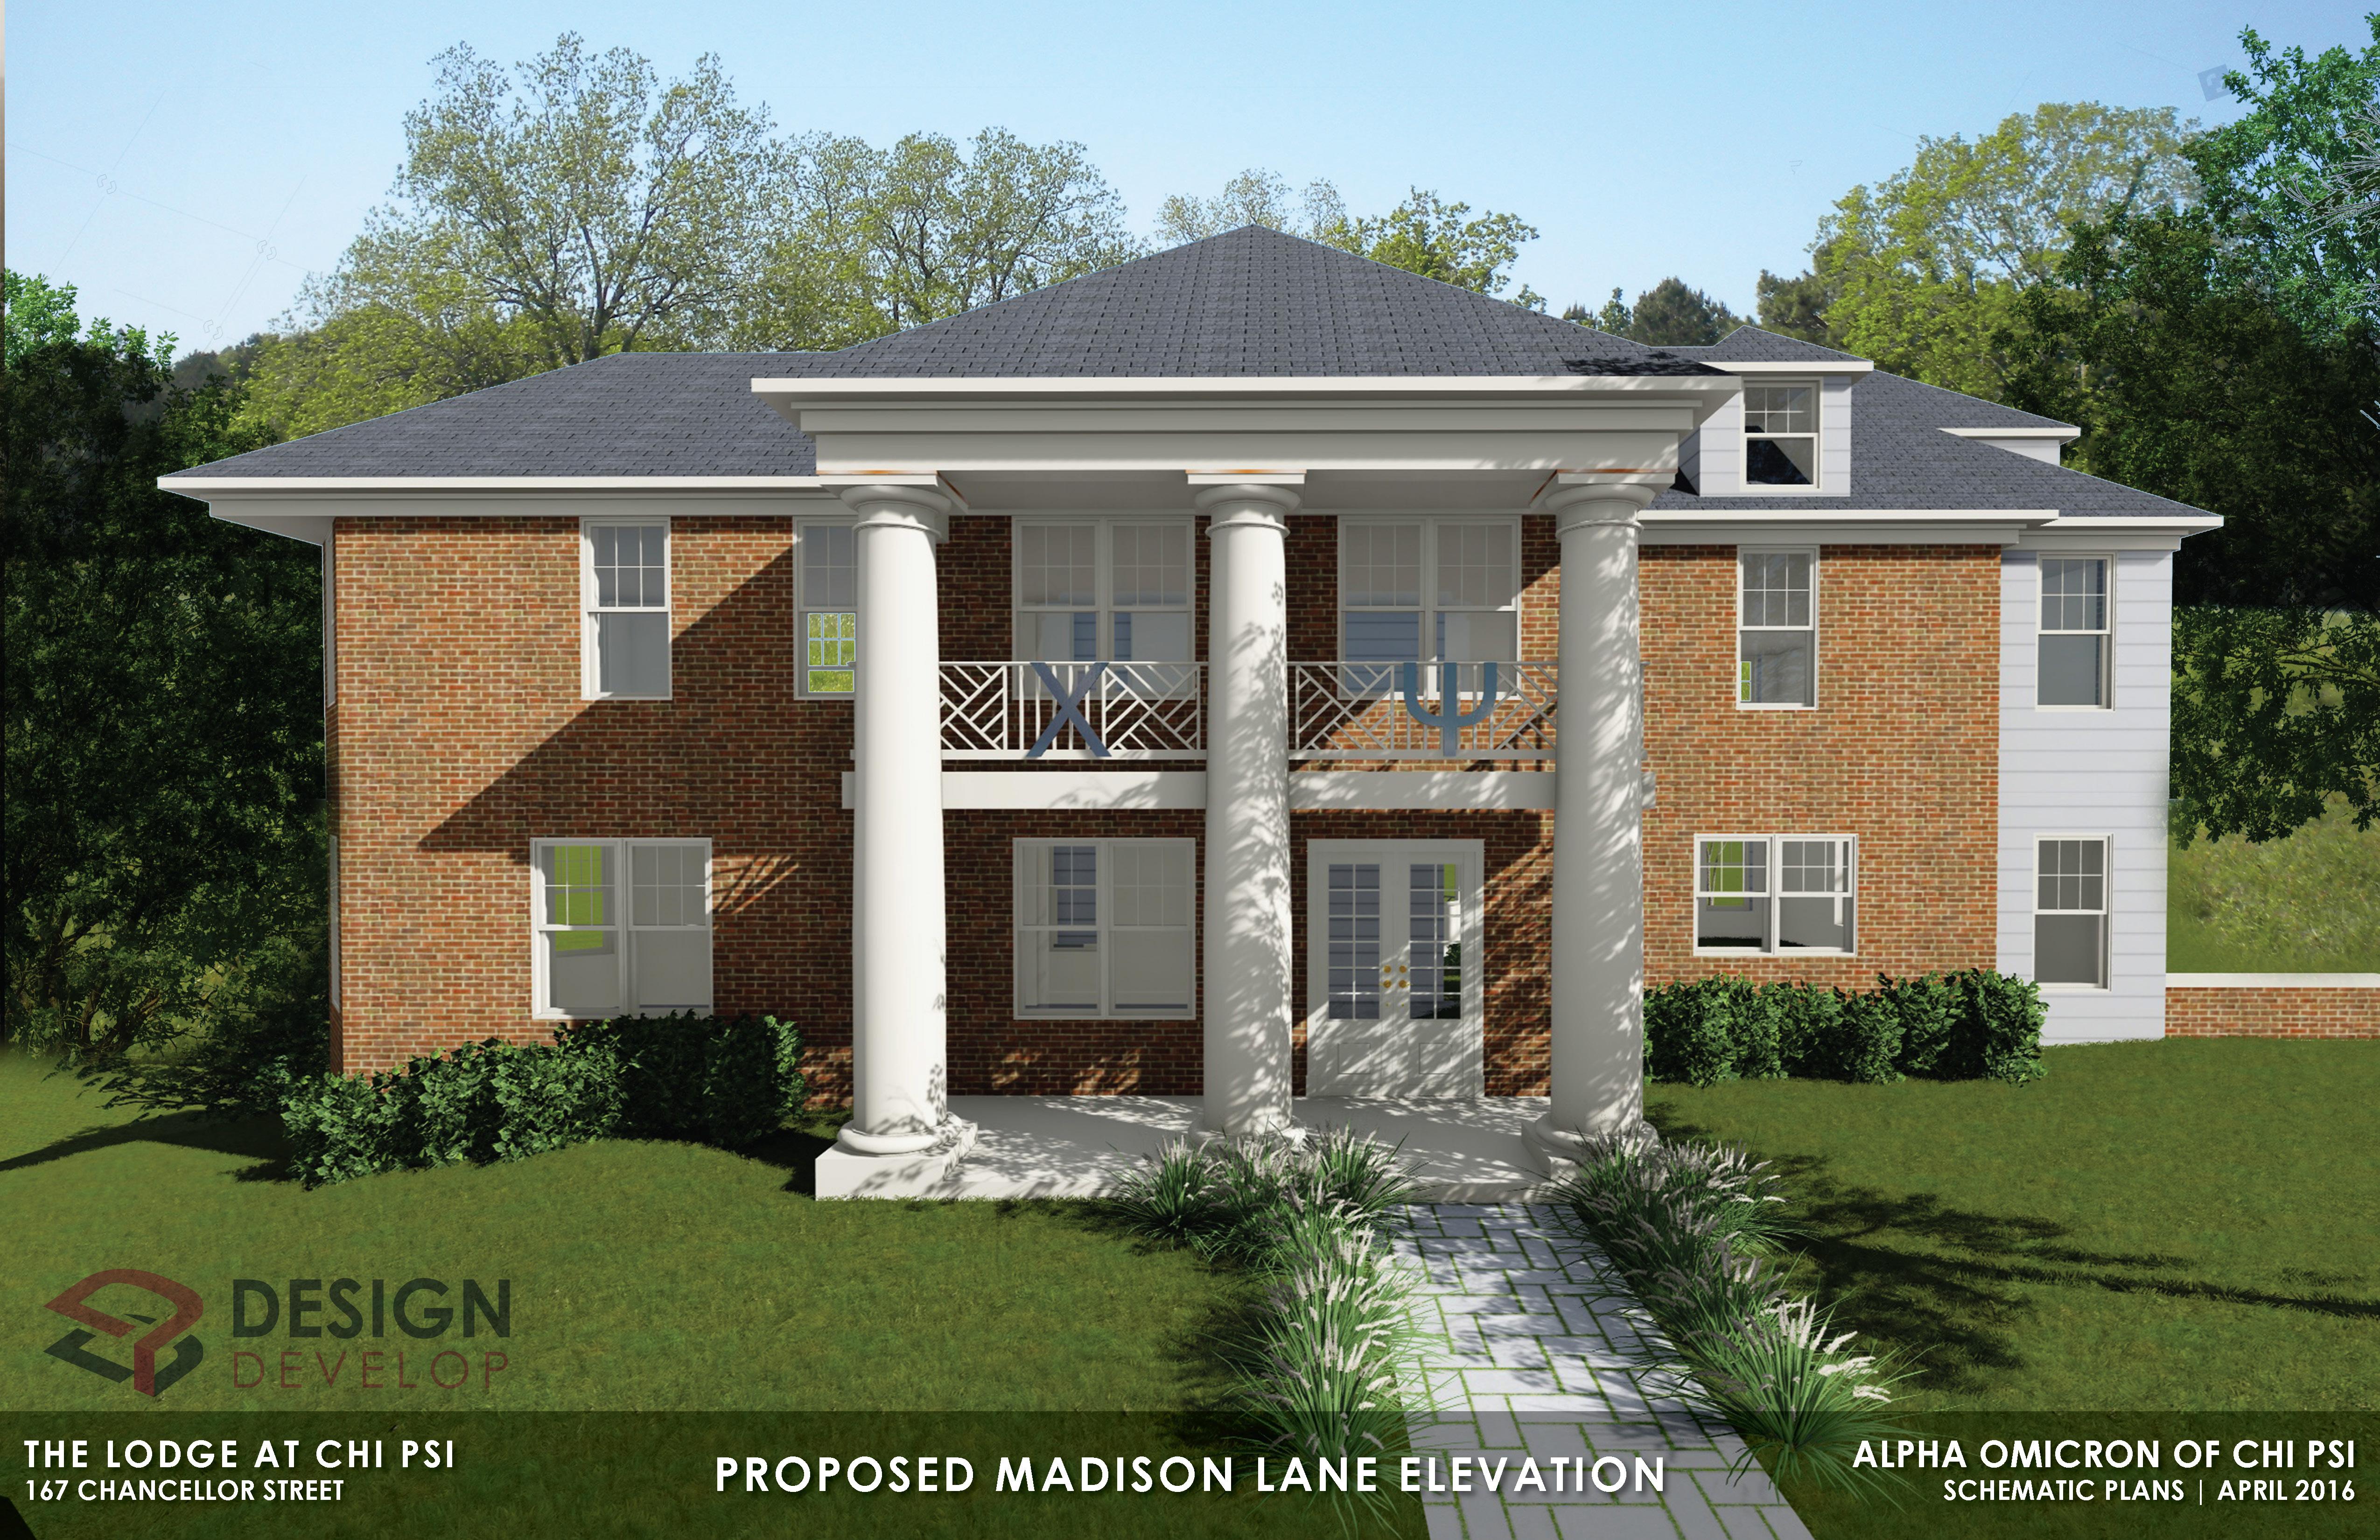 Proposed Madison Lane Elevation